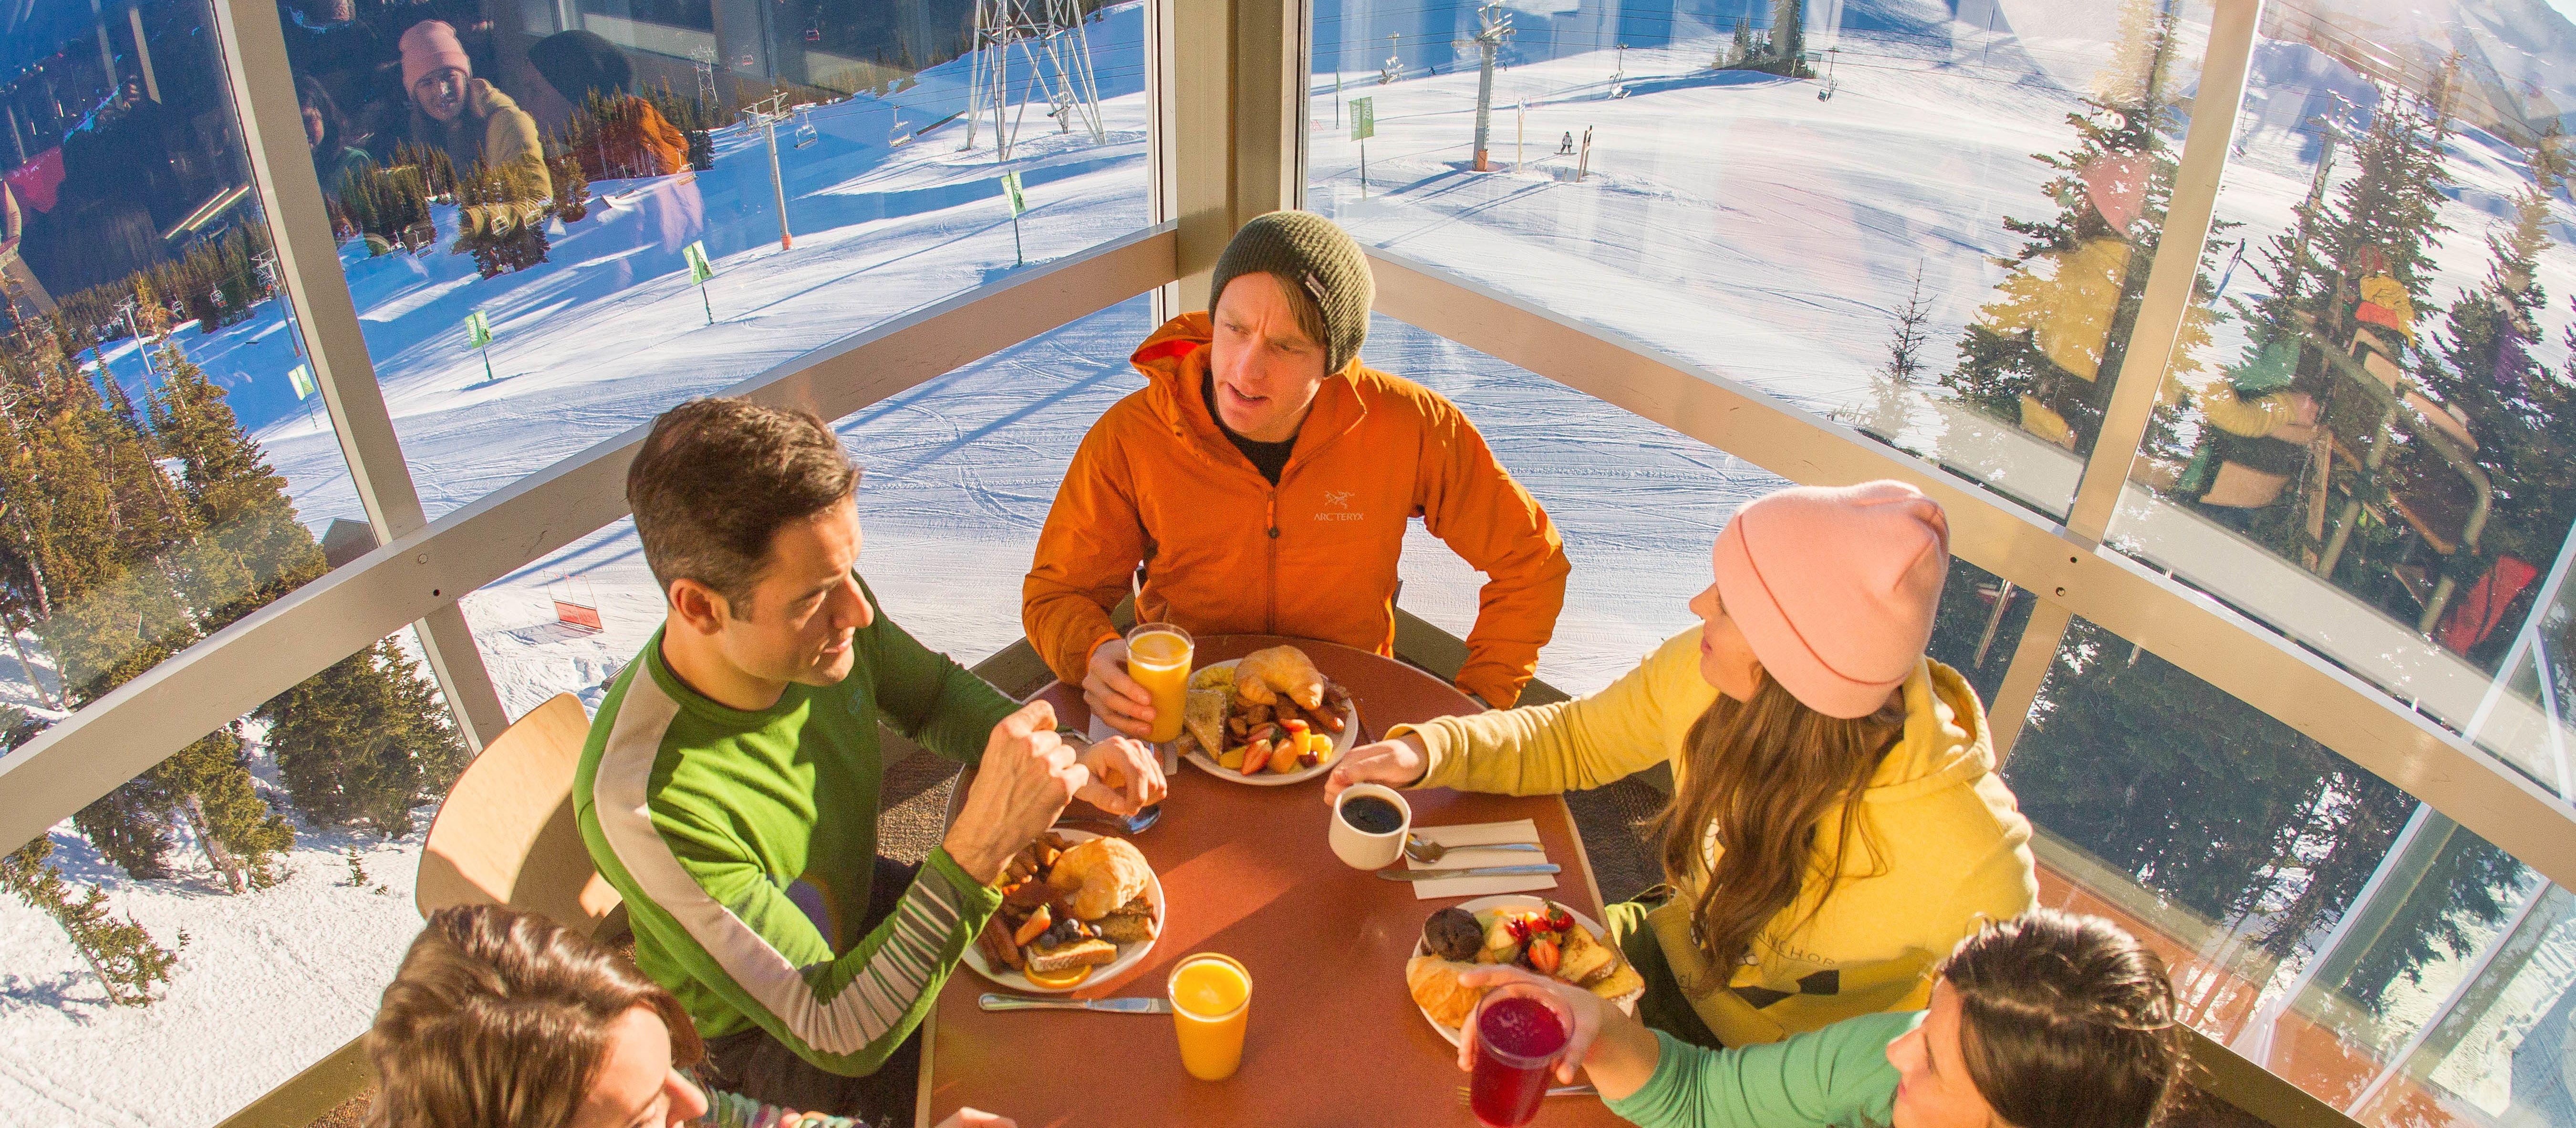 Freunde beim Frühstück in der Roundhouse Lodge des Fresh Tracks Restaurants auf Whistler Mountain, British Columbia